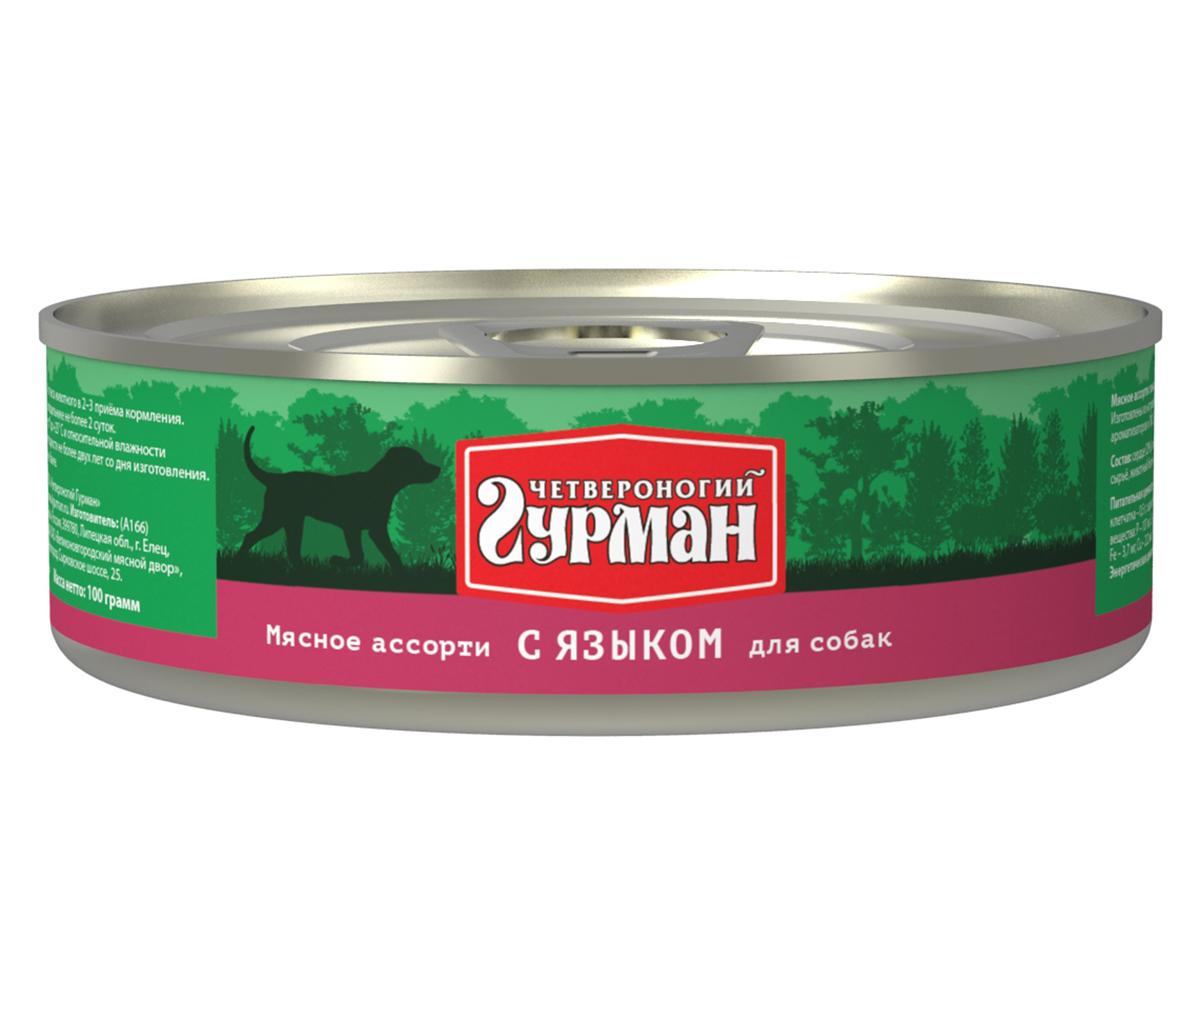 Консервы для собак Четвероногий гурман Мясное ассорти, с языком, 100 г. 10310101210048_12Консервы для собак Четвероногий гурман Мясное ассорти - это влажный мясной корм суперпремиум класса, состоящий из разных сортов мяса и качественных субпродуктов. Корм не содержит синтетических витаминно-минеральных комплексов, злаков, бобовых и овощей. Никаких искусственных компонентов в составе: только натуральное, экологически чистое мясо от проверенных поставщиков. По консистенции продукт представляет собой кусочки из фарша размером 3-15 мм. В состав входит коллаген. Его компоненты (хондроитин и глюкозамин) положительно воздействуют на суставы питомца. Состав: сердце (28%), язык (6%), рубец, легкое, печень, коллагенсодержащее сырье, животный белок, масло растительное, вода. Пищевая ценность (в 100 г продукта): протеин 11,5 г, жир 7,2 г, клетчатка 0,5 г, сырая зола 2 г, влага 80 г. Минеральные вещества: P 107мг, Са 11 мг, Na 160 мг, Cl 212,8 мг, Mg 11,2 мг, Fe 3,7 мг, Cu 222 мкг, I 3,9 мкг. Витамины: А, E, В1, В2, B3, B5, B6. Энергетическая ценность (на 100 г): 112 ккал.Товар сертифицирован.